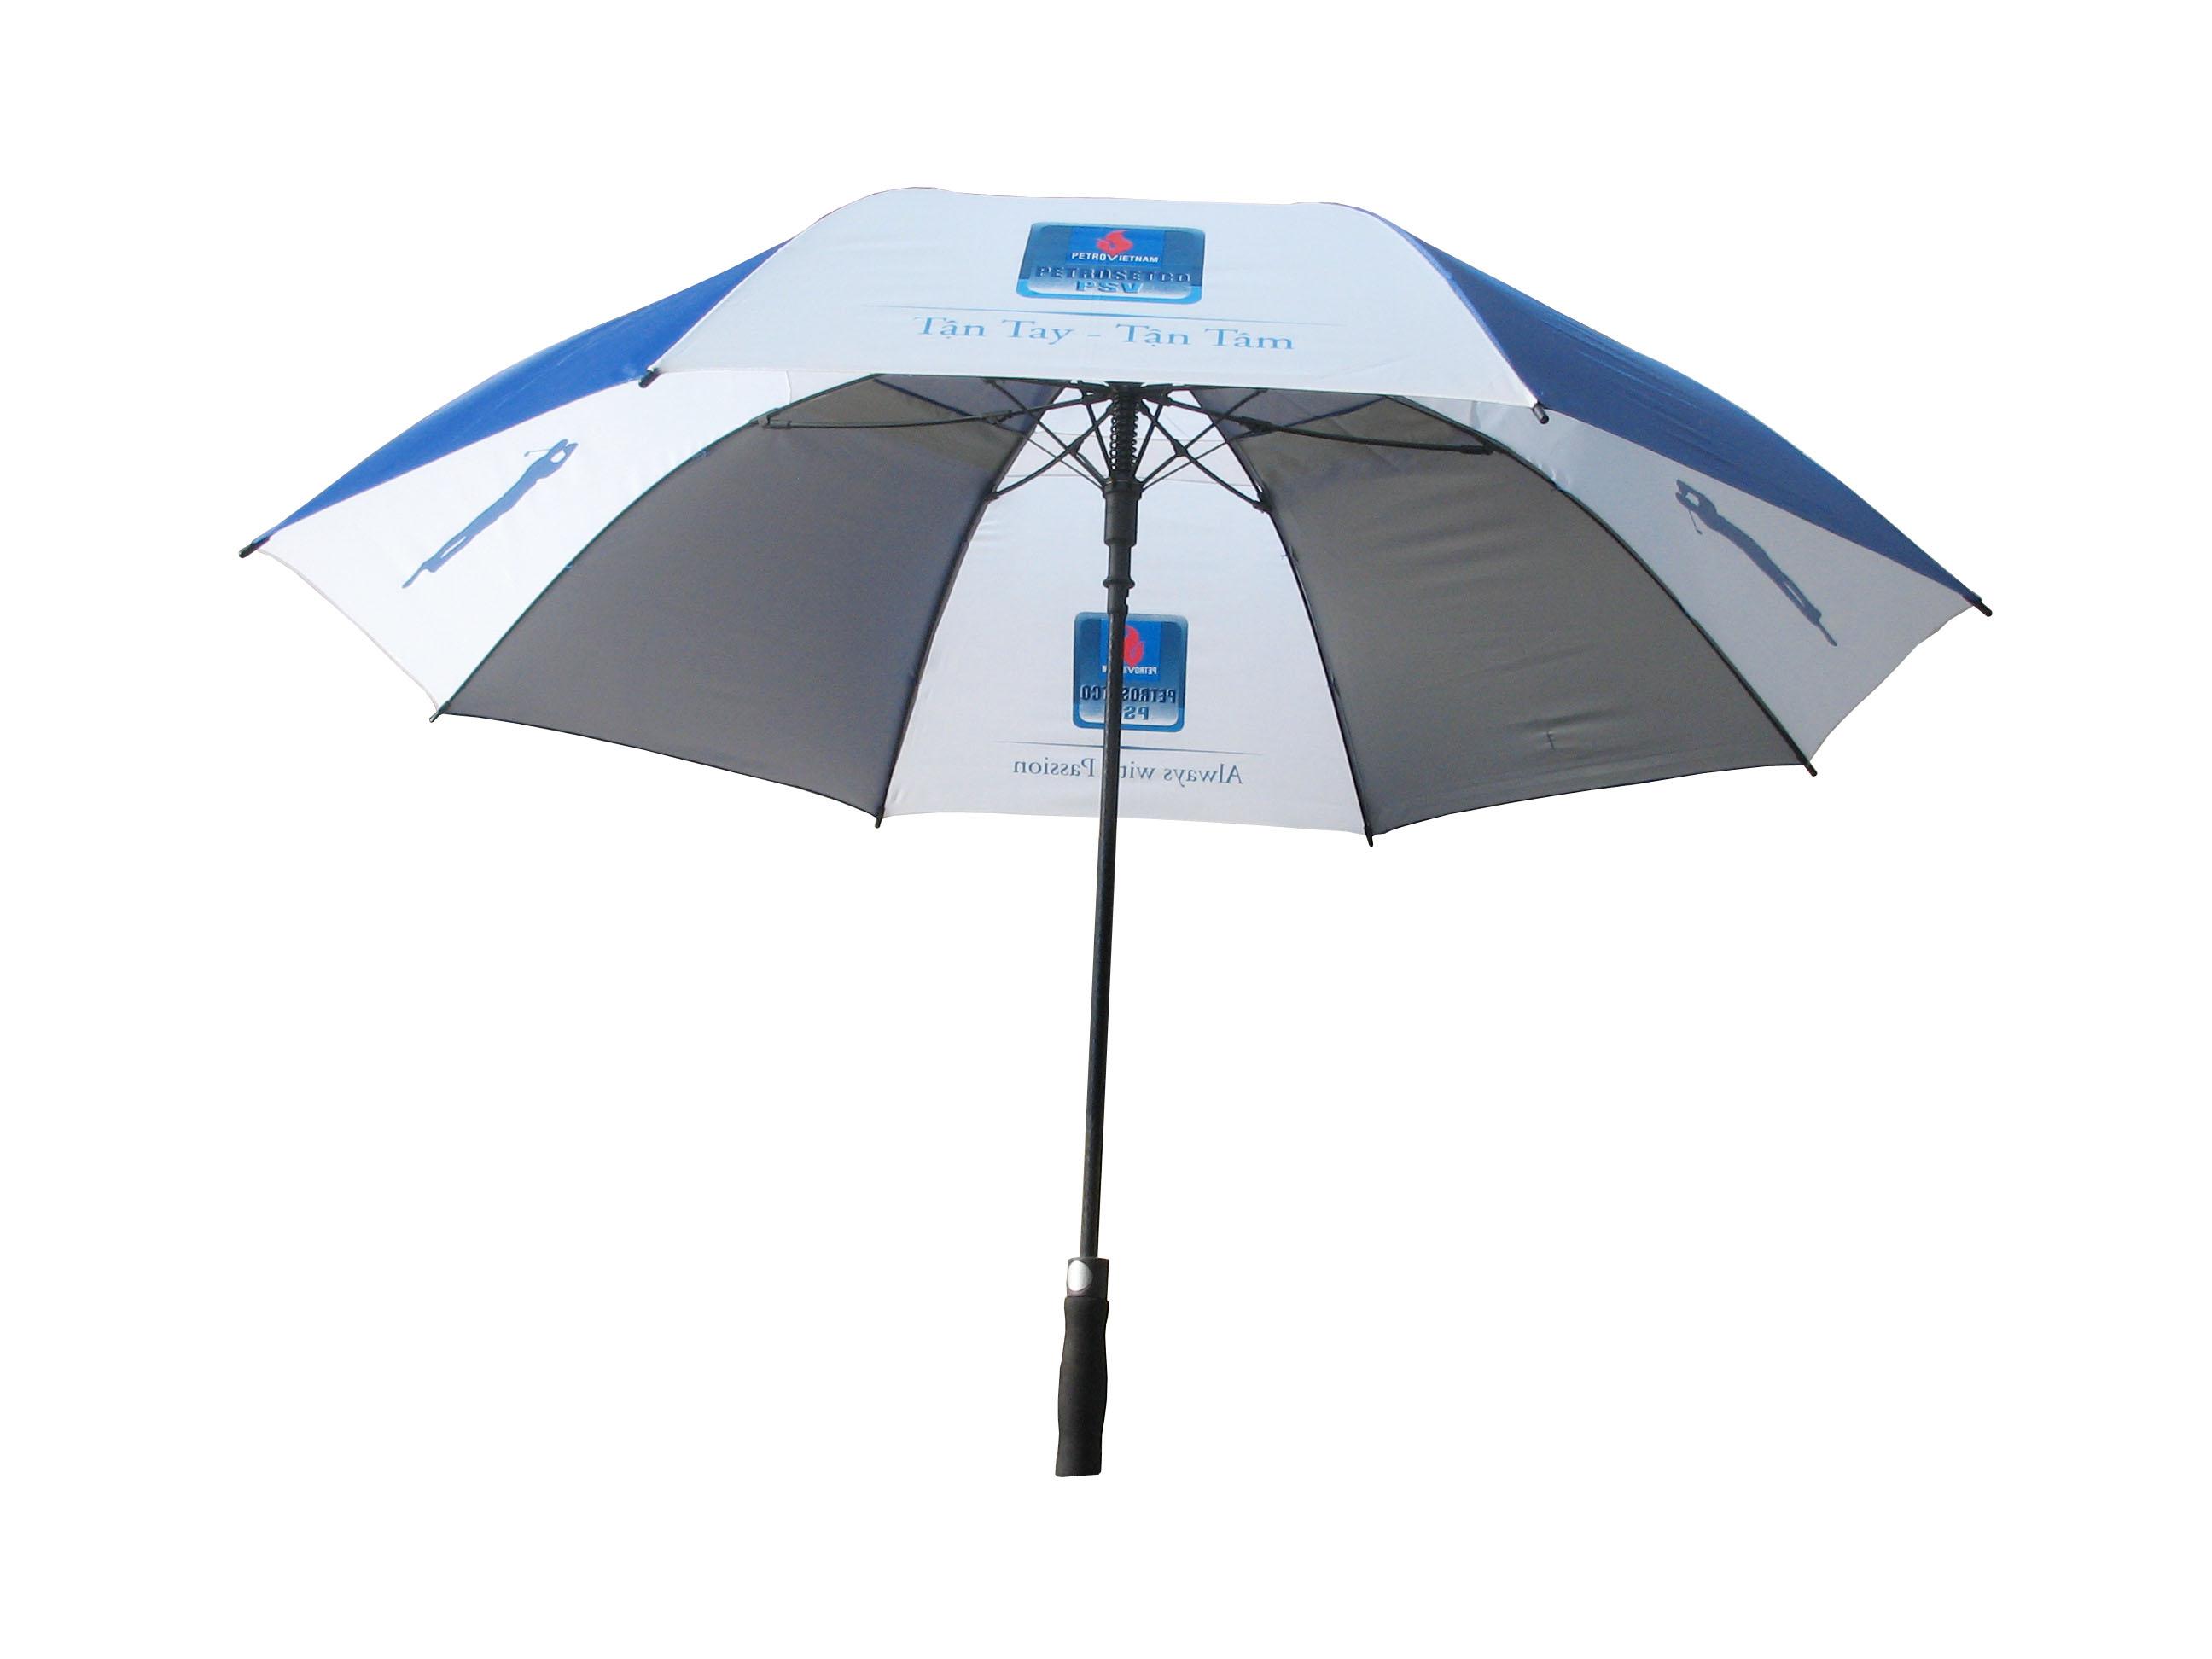 ô dù cầm tay R75-17